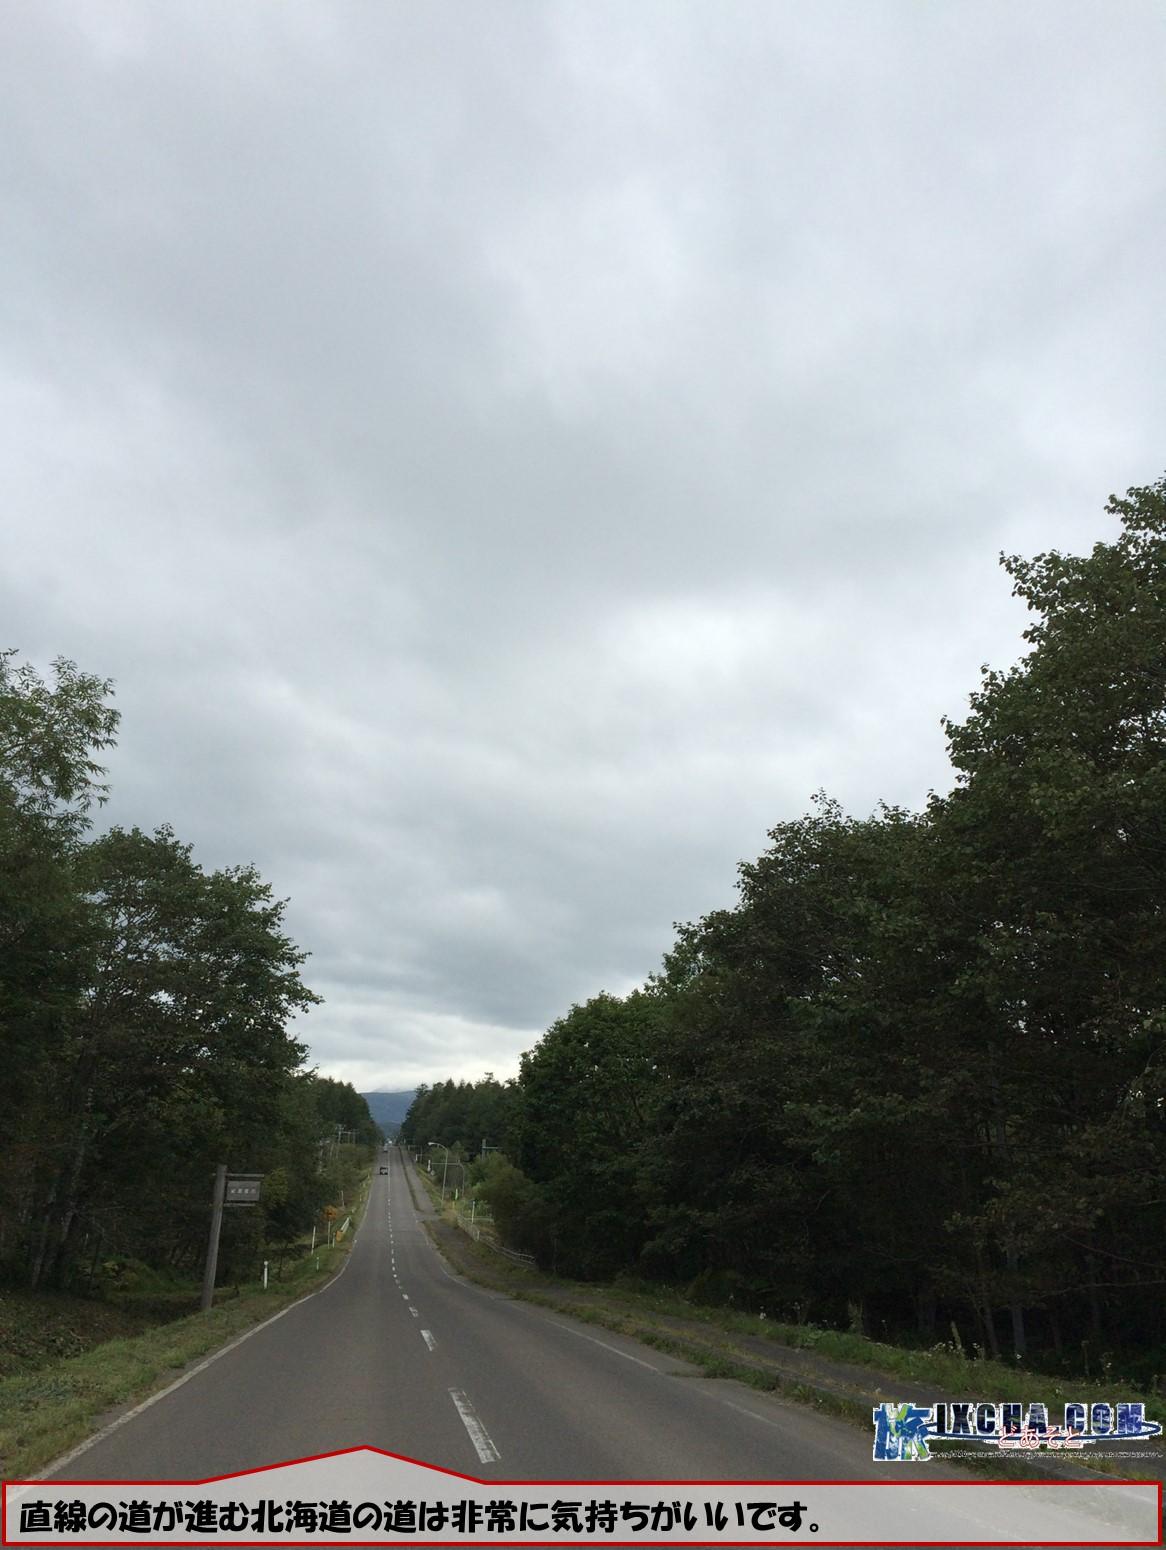 直線の道が進む北海道の道は非常に気持ちがいいです。